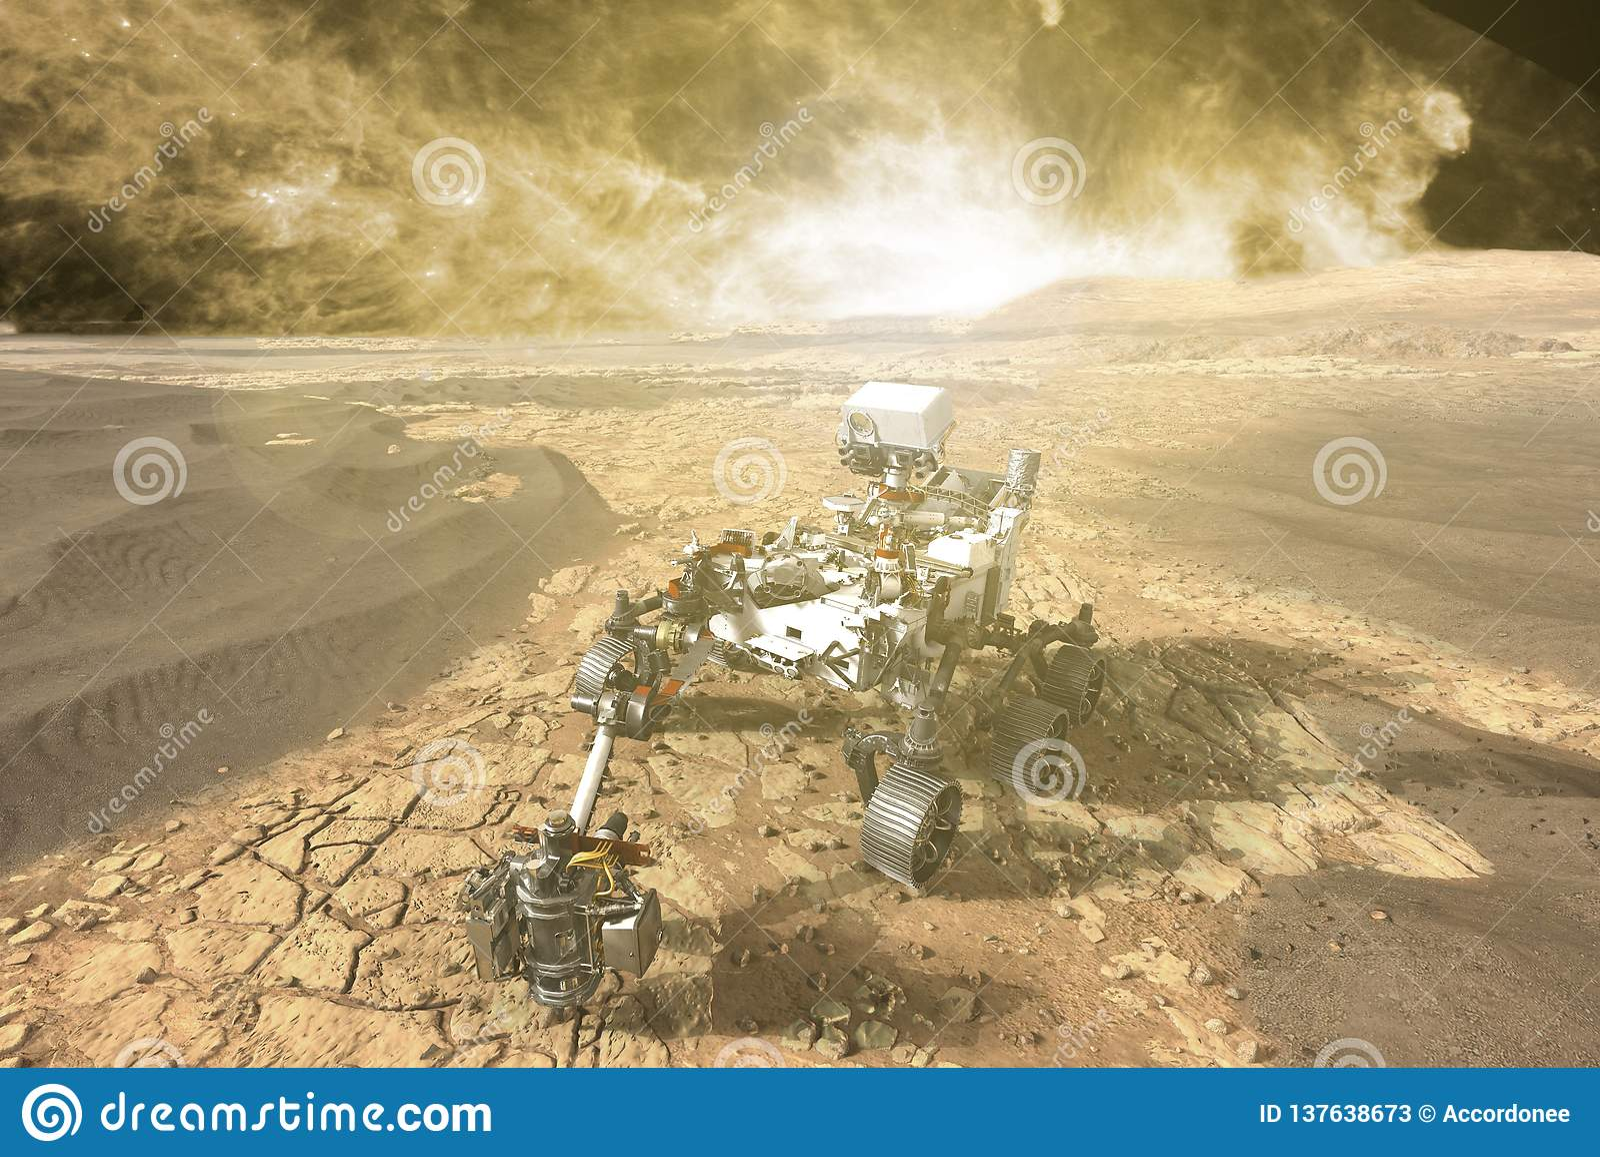 Футуристический повреждает vasts вездехода исследуя красной планеты f